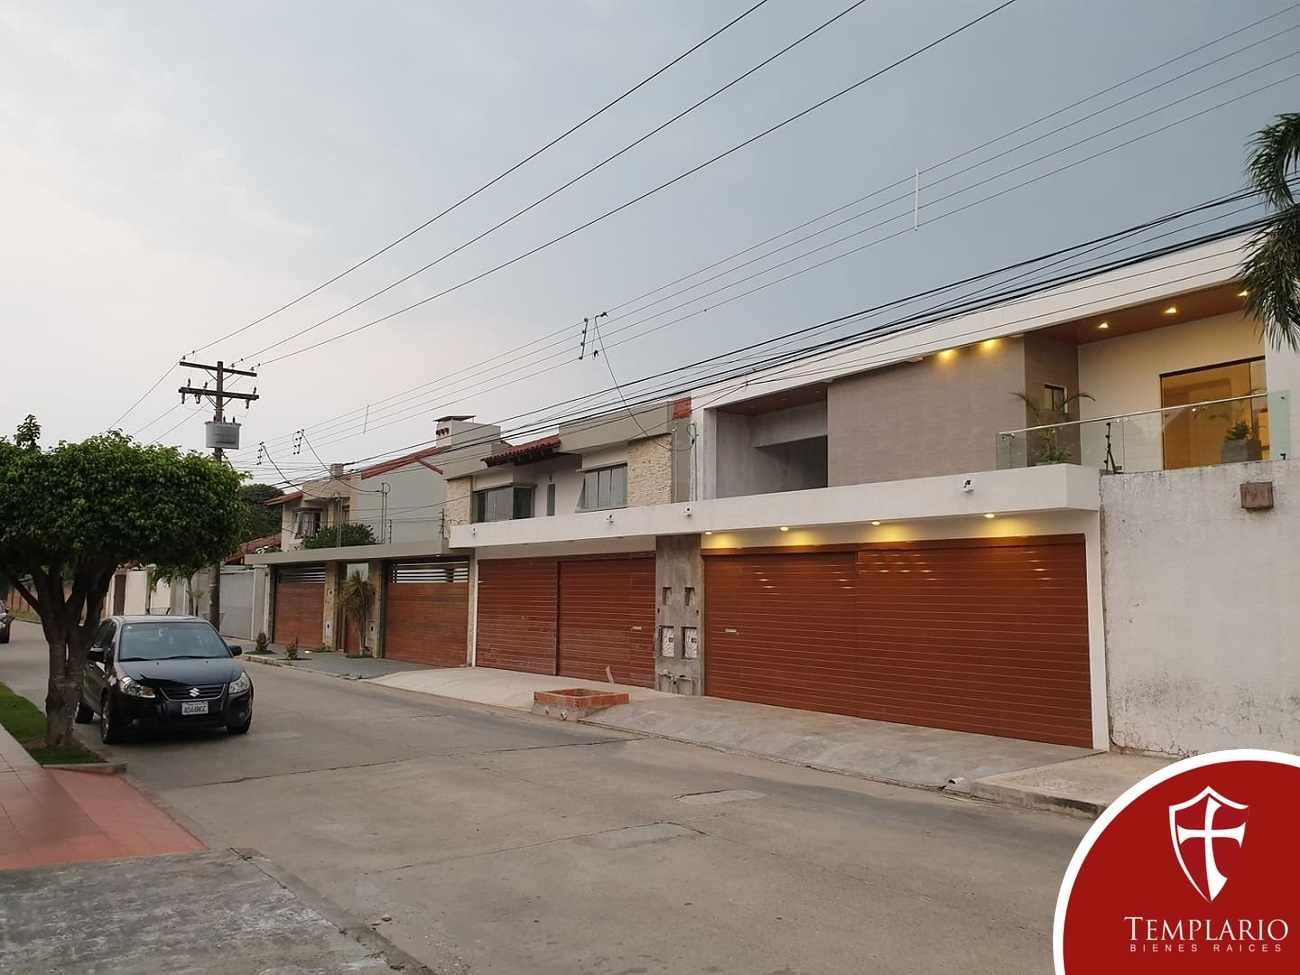 Casa en Venta Av. Santos Dumont 3er y 4to Anillo - Vecindario Residencial Foto 3